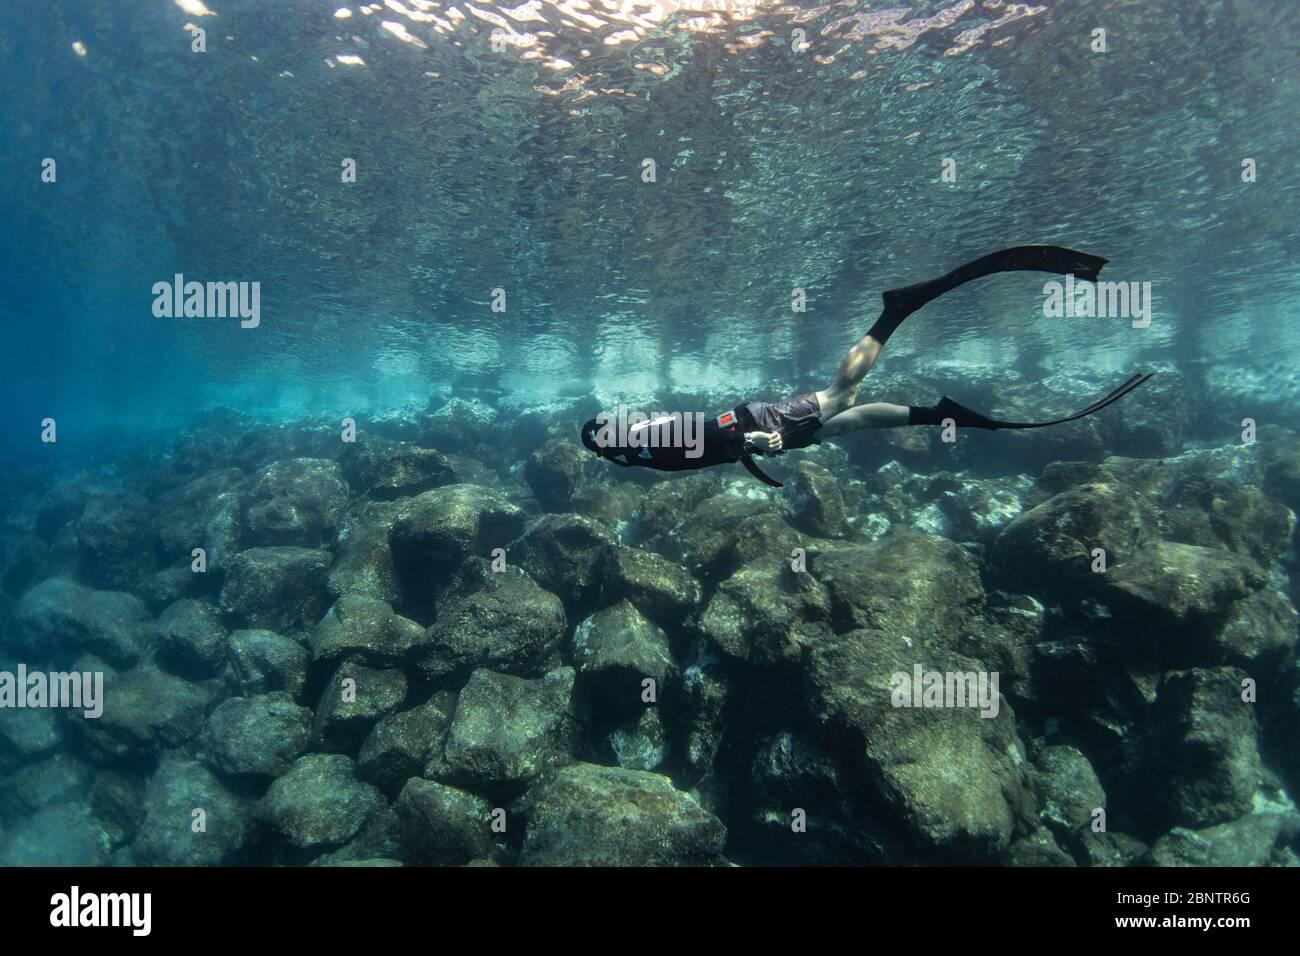 Buceo submarino bajo el agua de Tenerife, Islas Canarias, España. Foto de stock